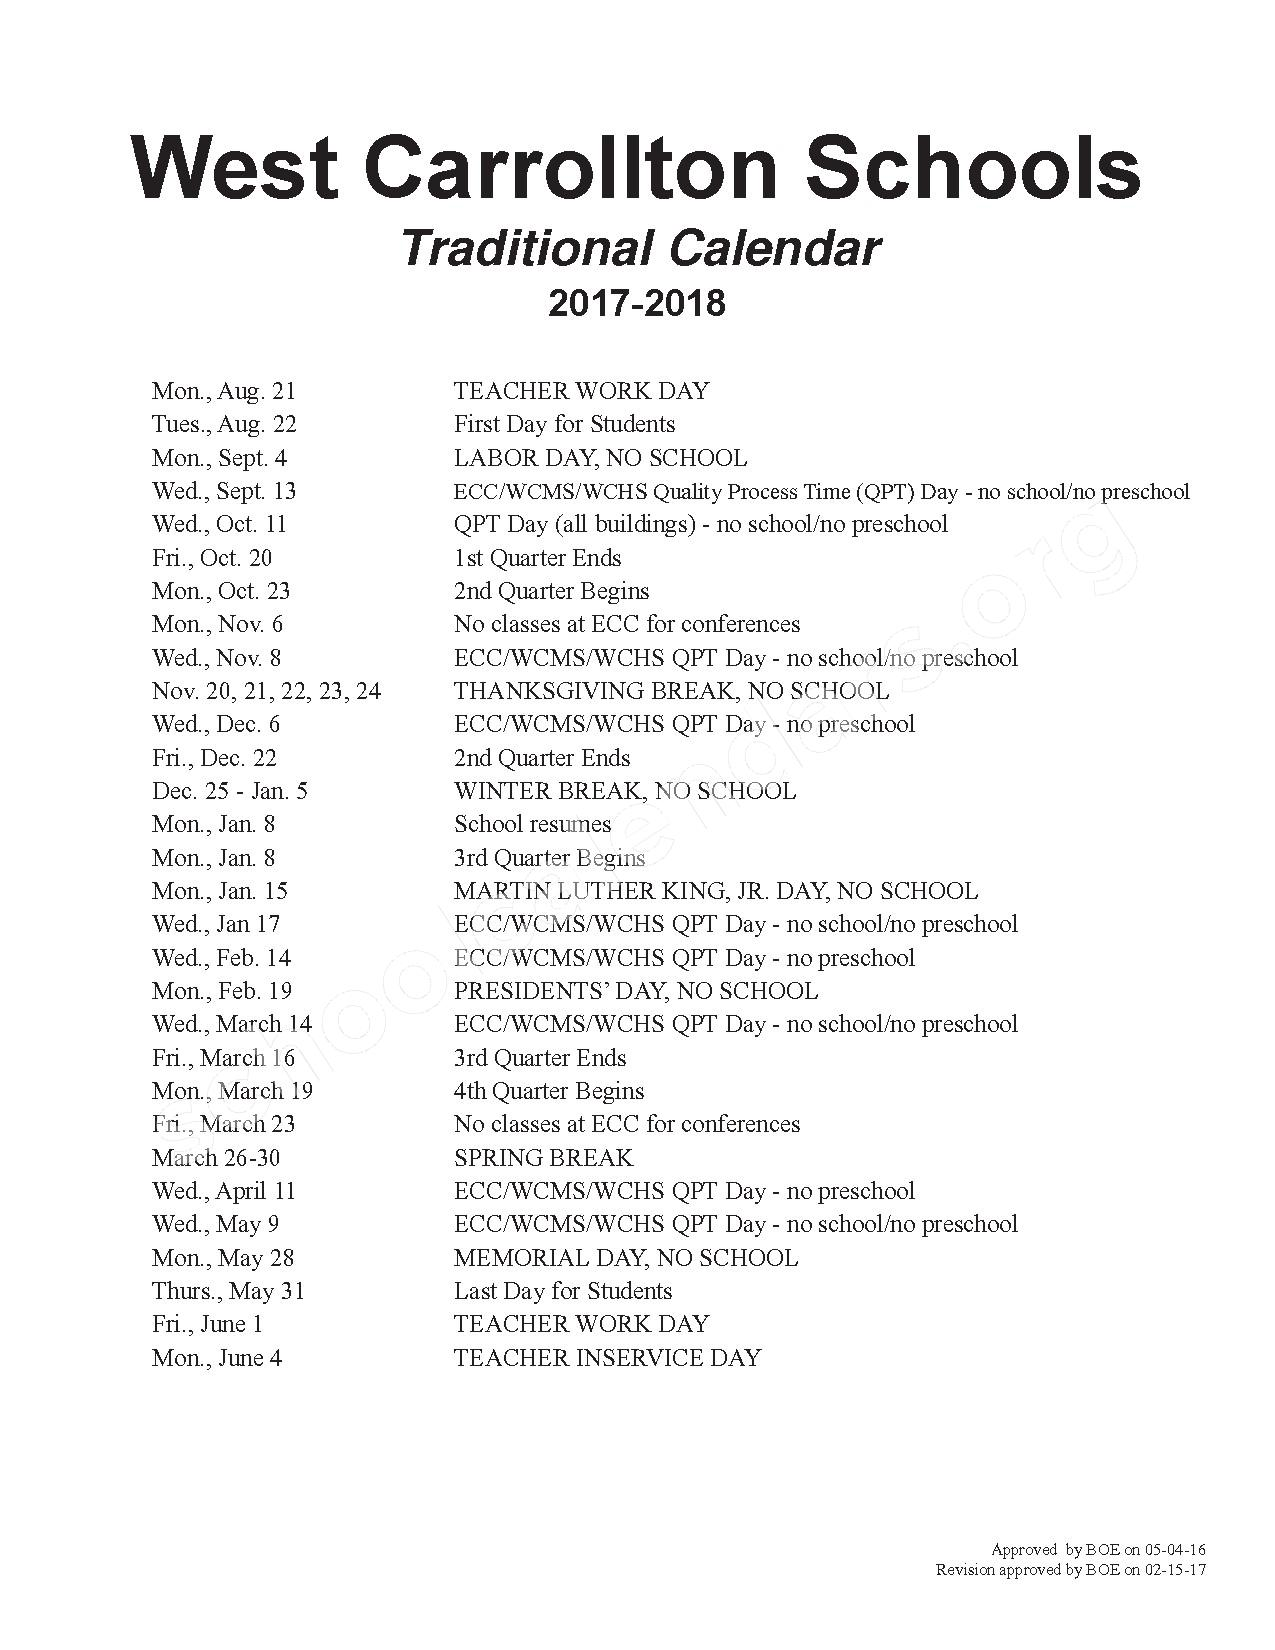 2017 - 2018 School Calendar page 1